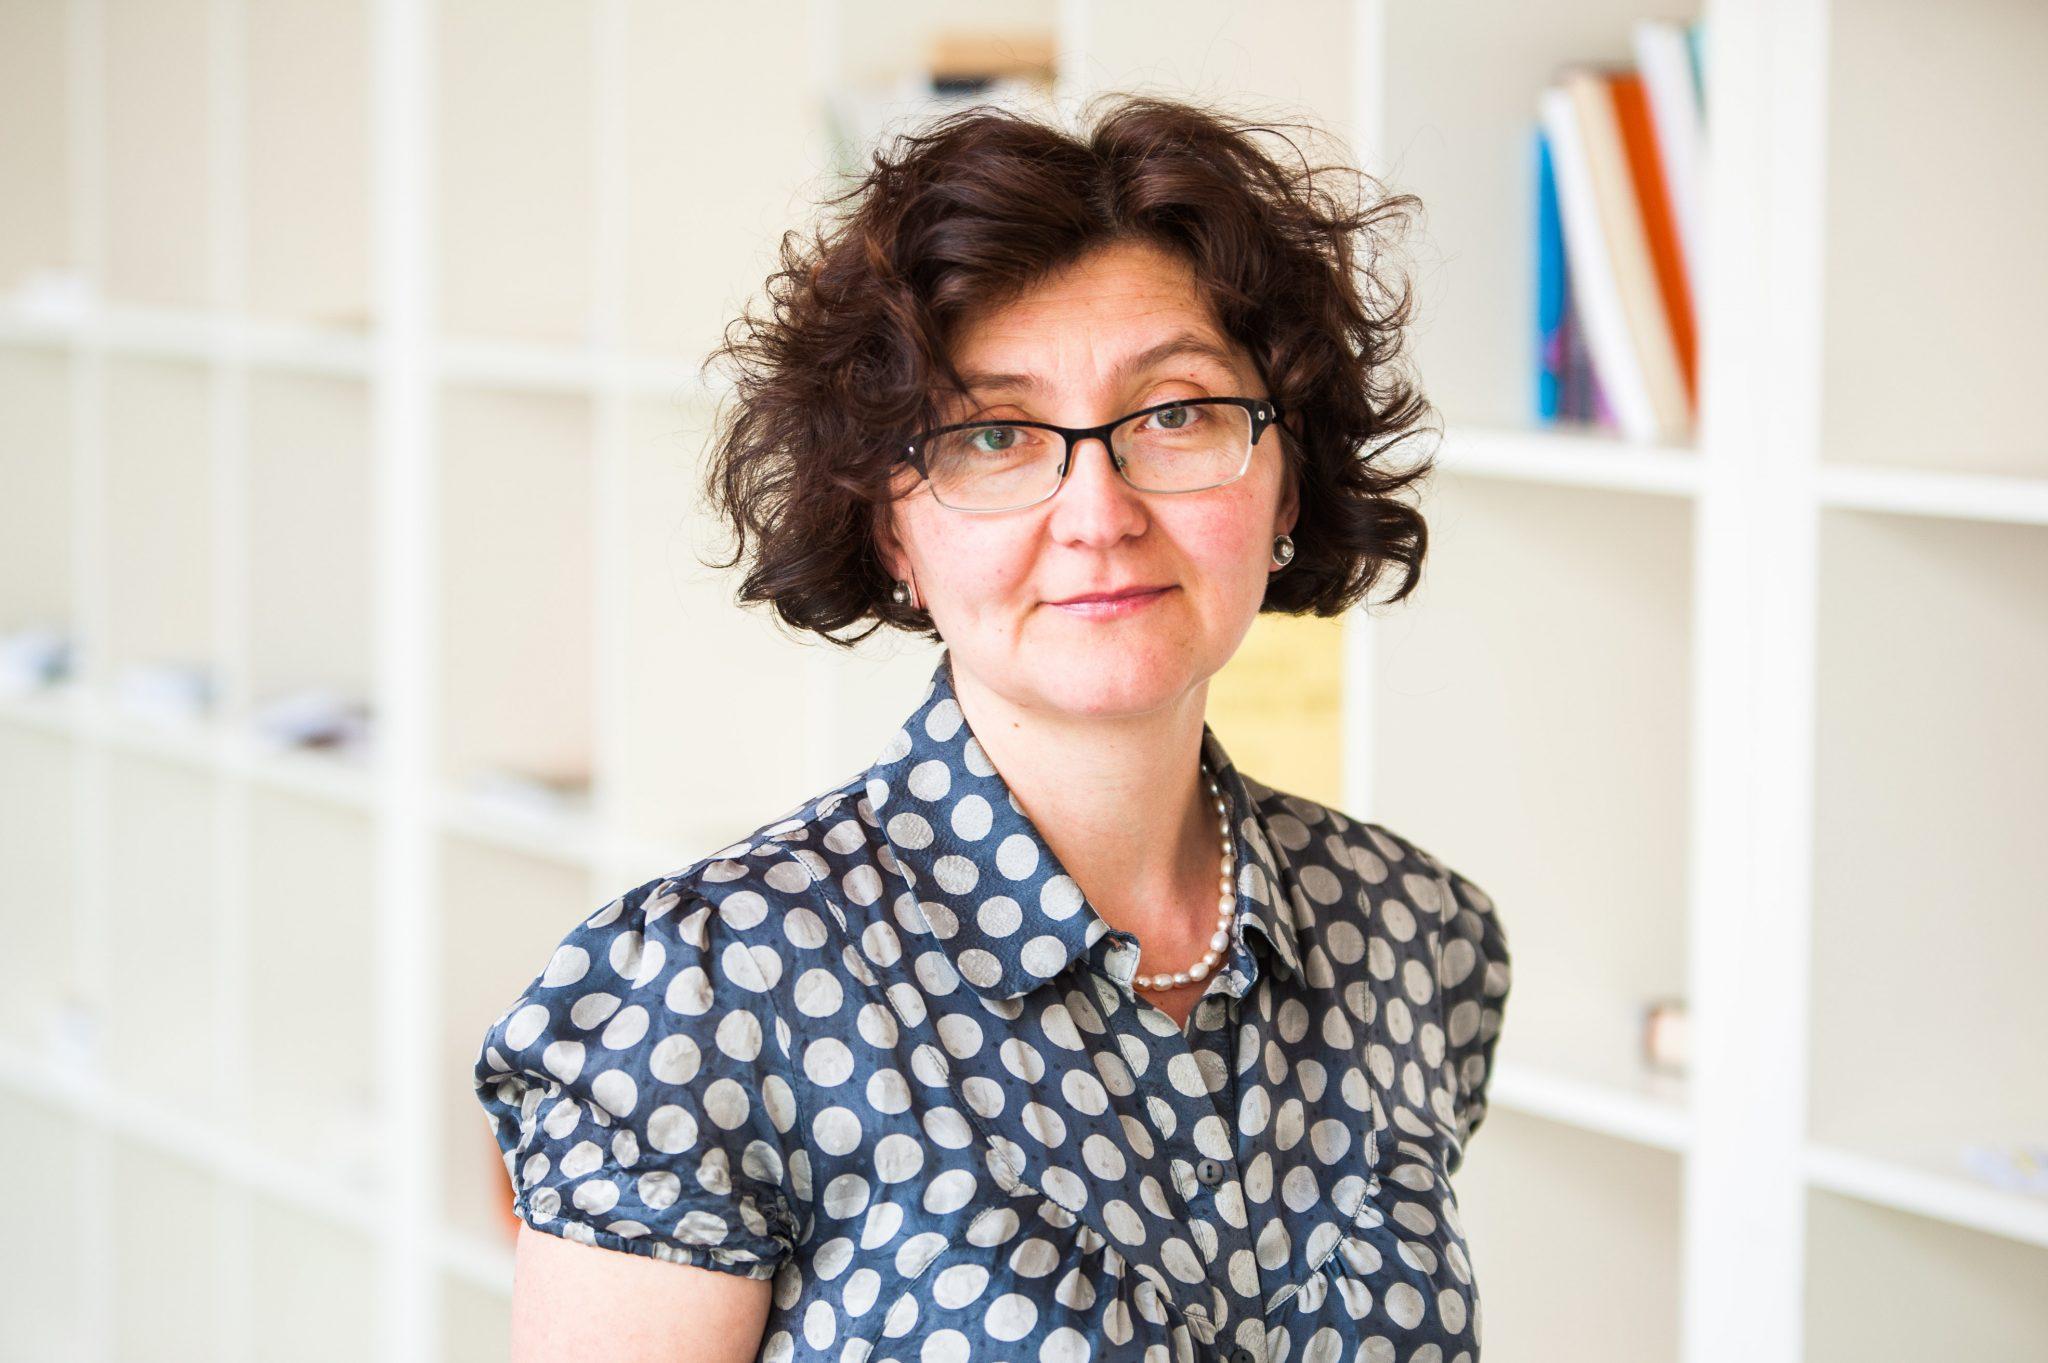 VDU Sociologijos katedros profesorė, Nacionalinės mokslo premijos laureatė Aušra Maslauskaitė | Vytauto Didžiojo universiteto nuotr.